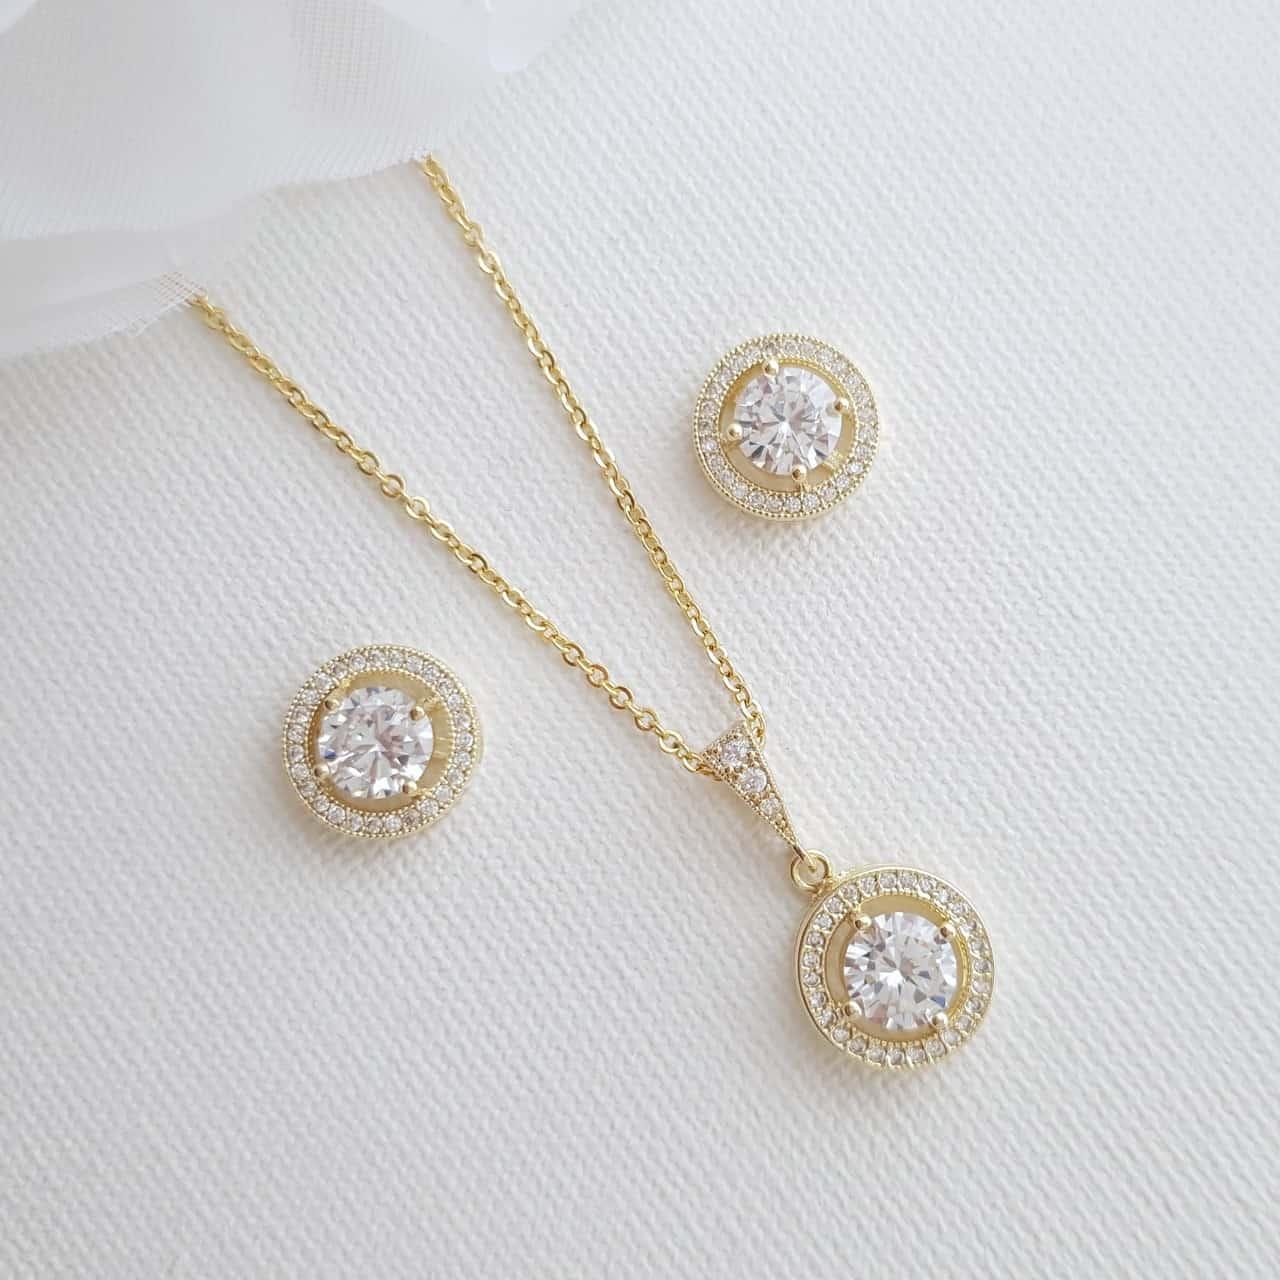 مجوهرات من الذهب الأصفر